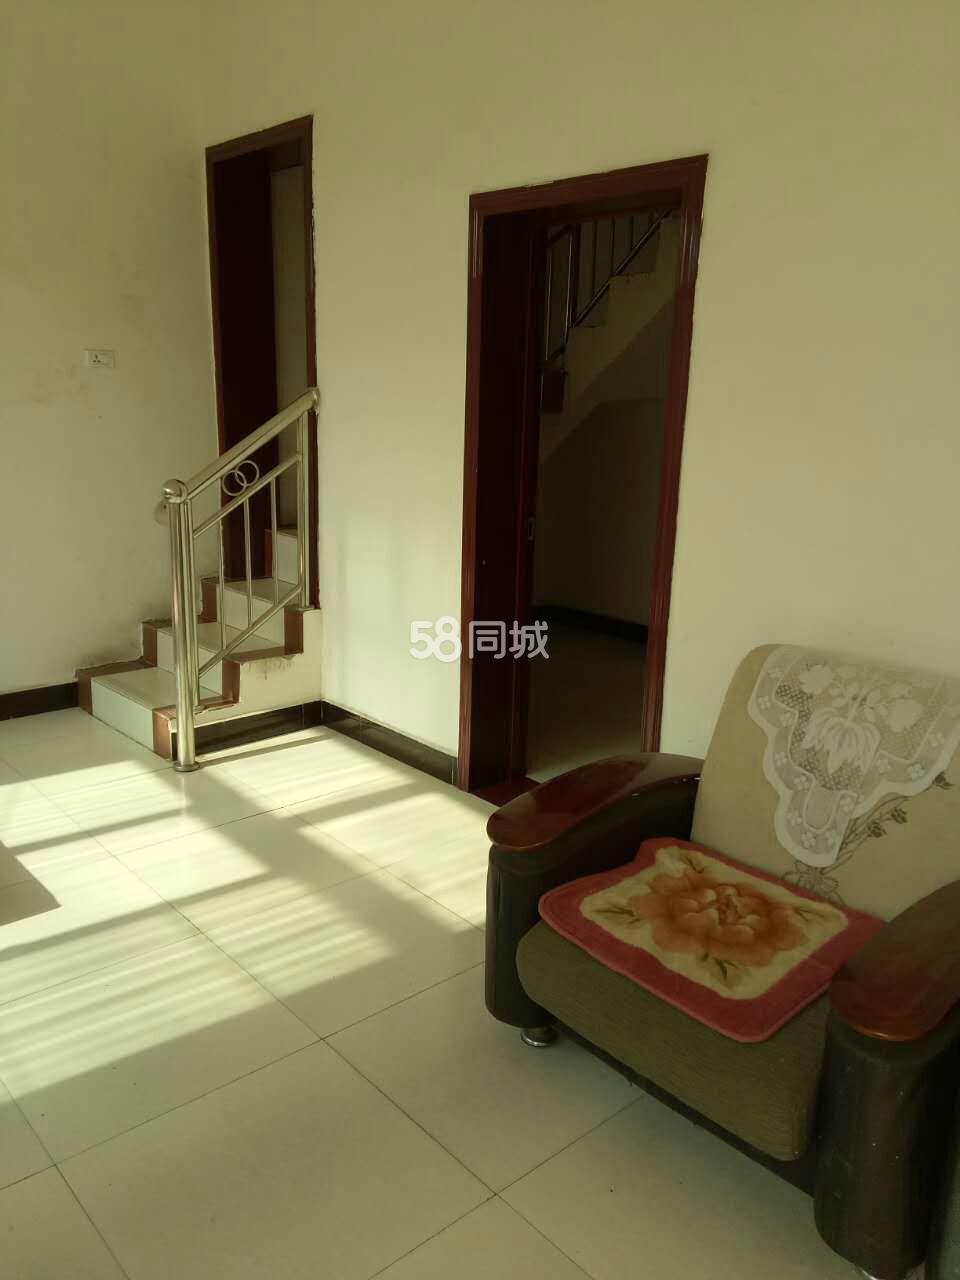 渭城区渭城镇政府旁5室2厅2卫